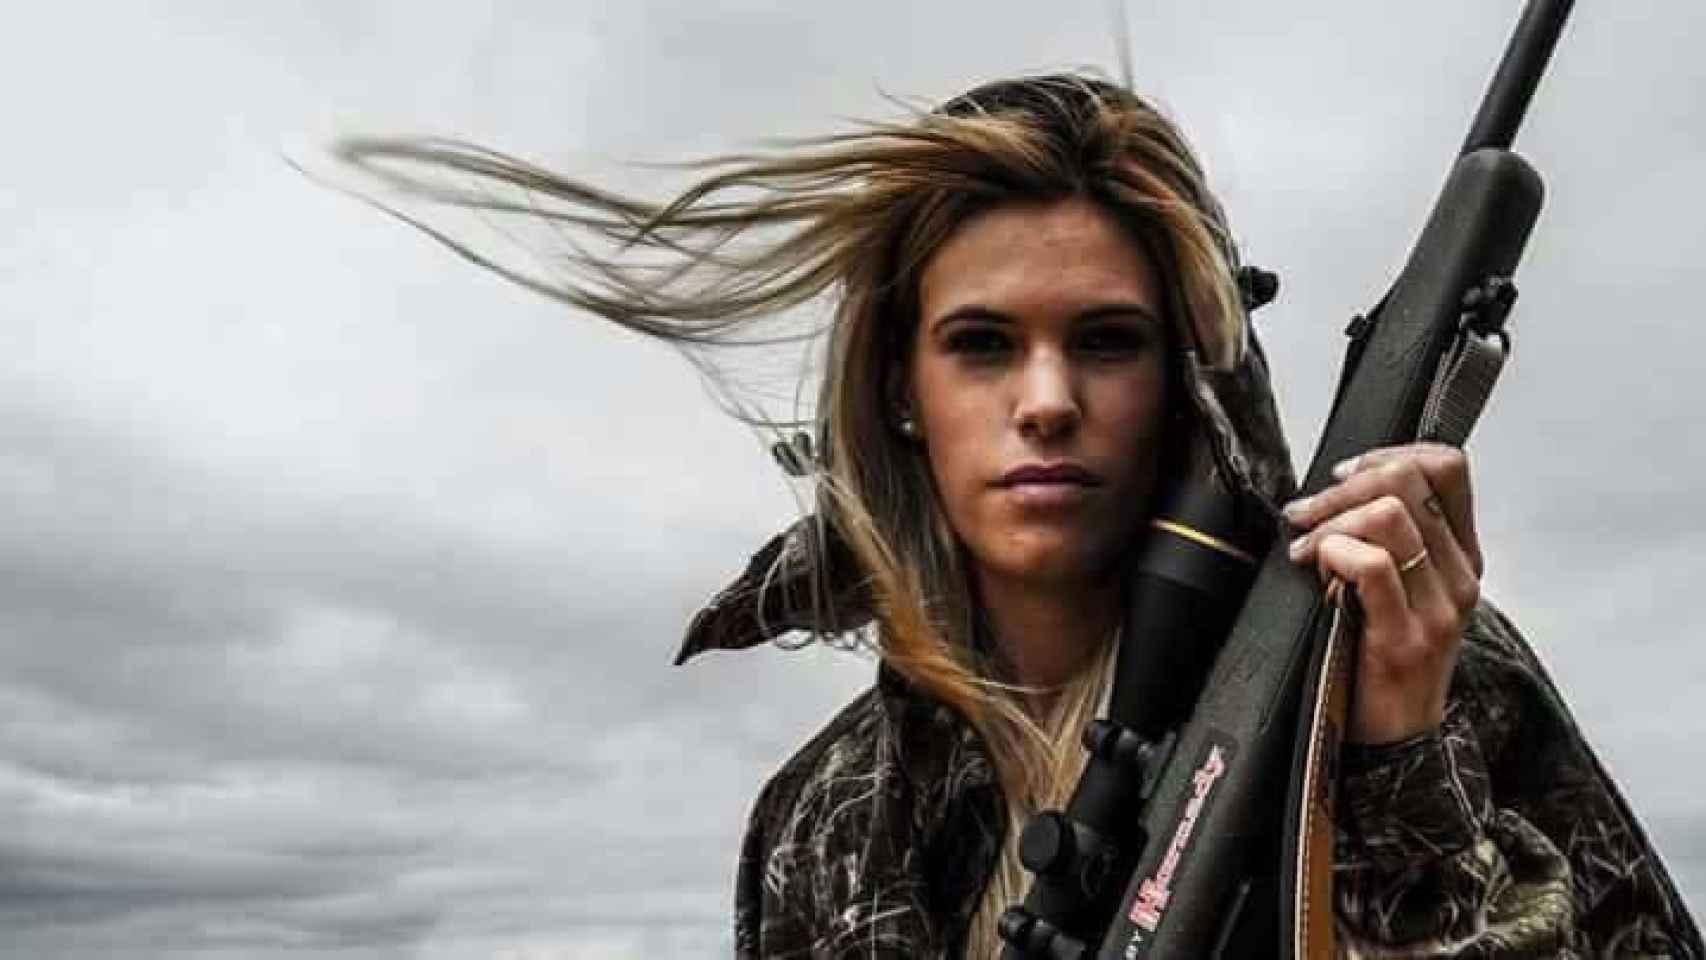 Te vamos a callar con una bala en la frente, es una de las amenazas que recibió la joven cazadora